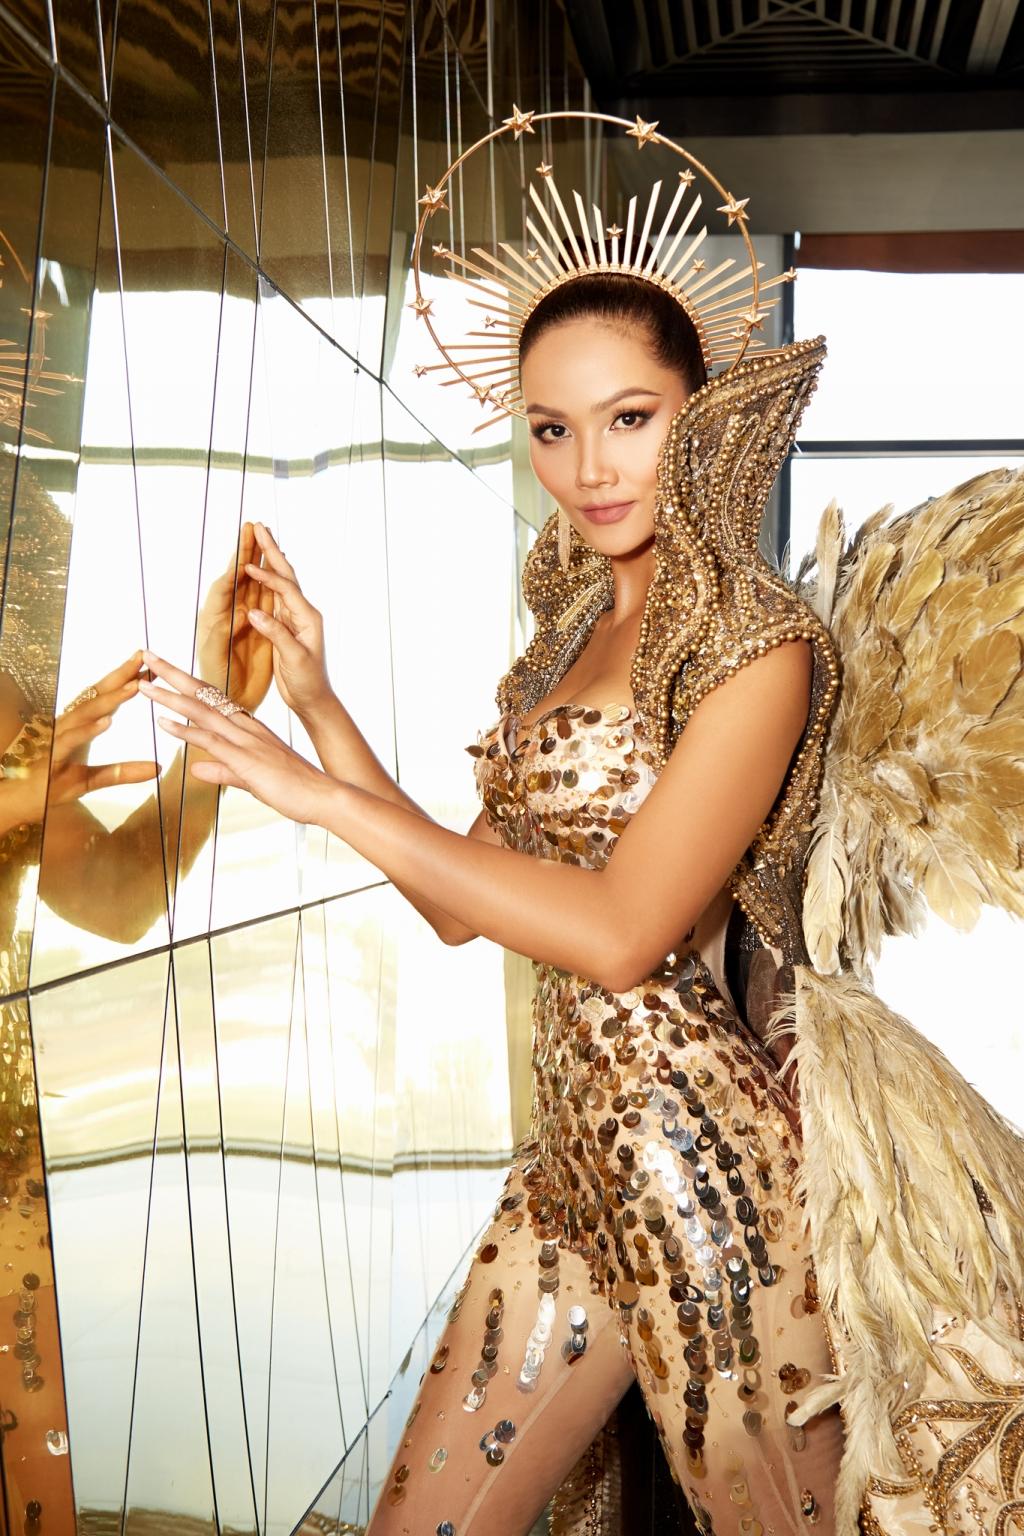 H'Hen Niê tiếp tục gây ấn tượng khi trở thành 'Nữ thần Mặt trời'